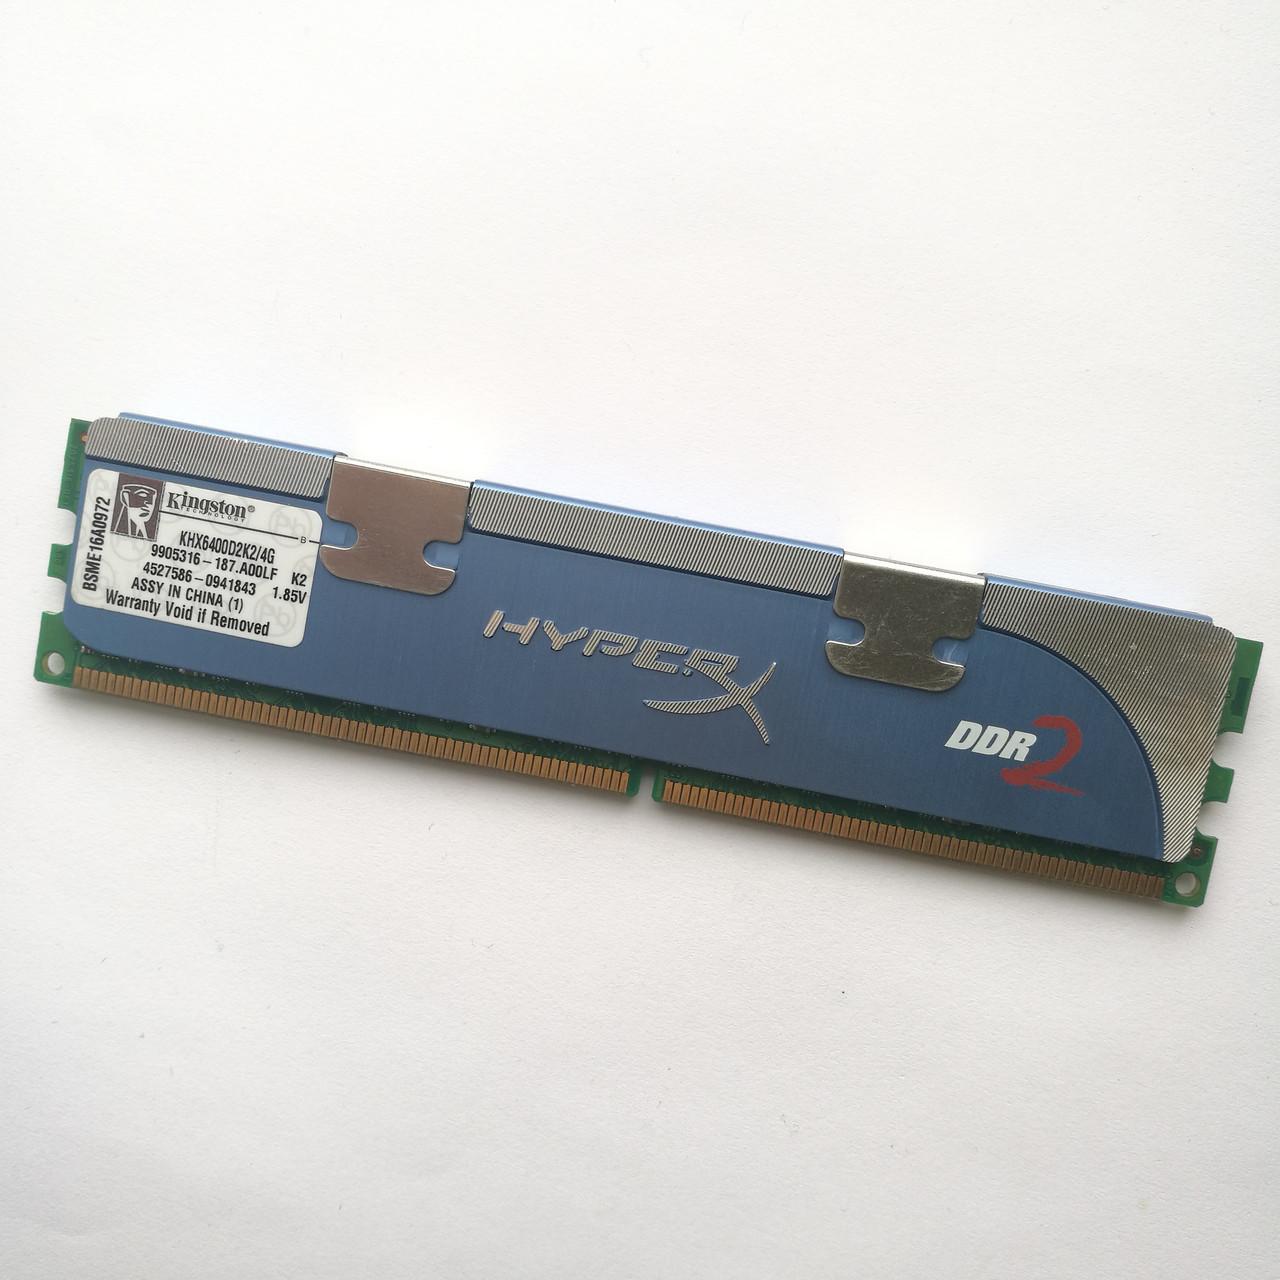 Игровая оперативная память Kingston DDR2 2Gb 667MHz PC2 5300U CL5 1.85V (KHX6400D2K2/4G) Б/У